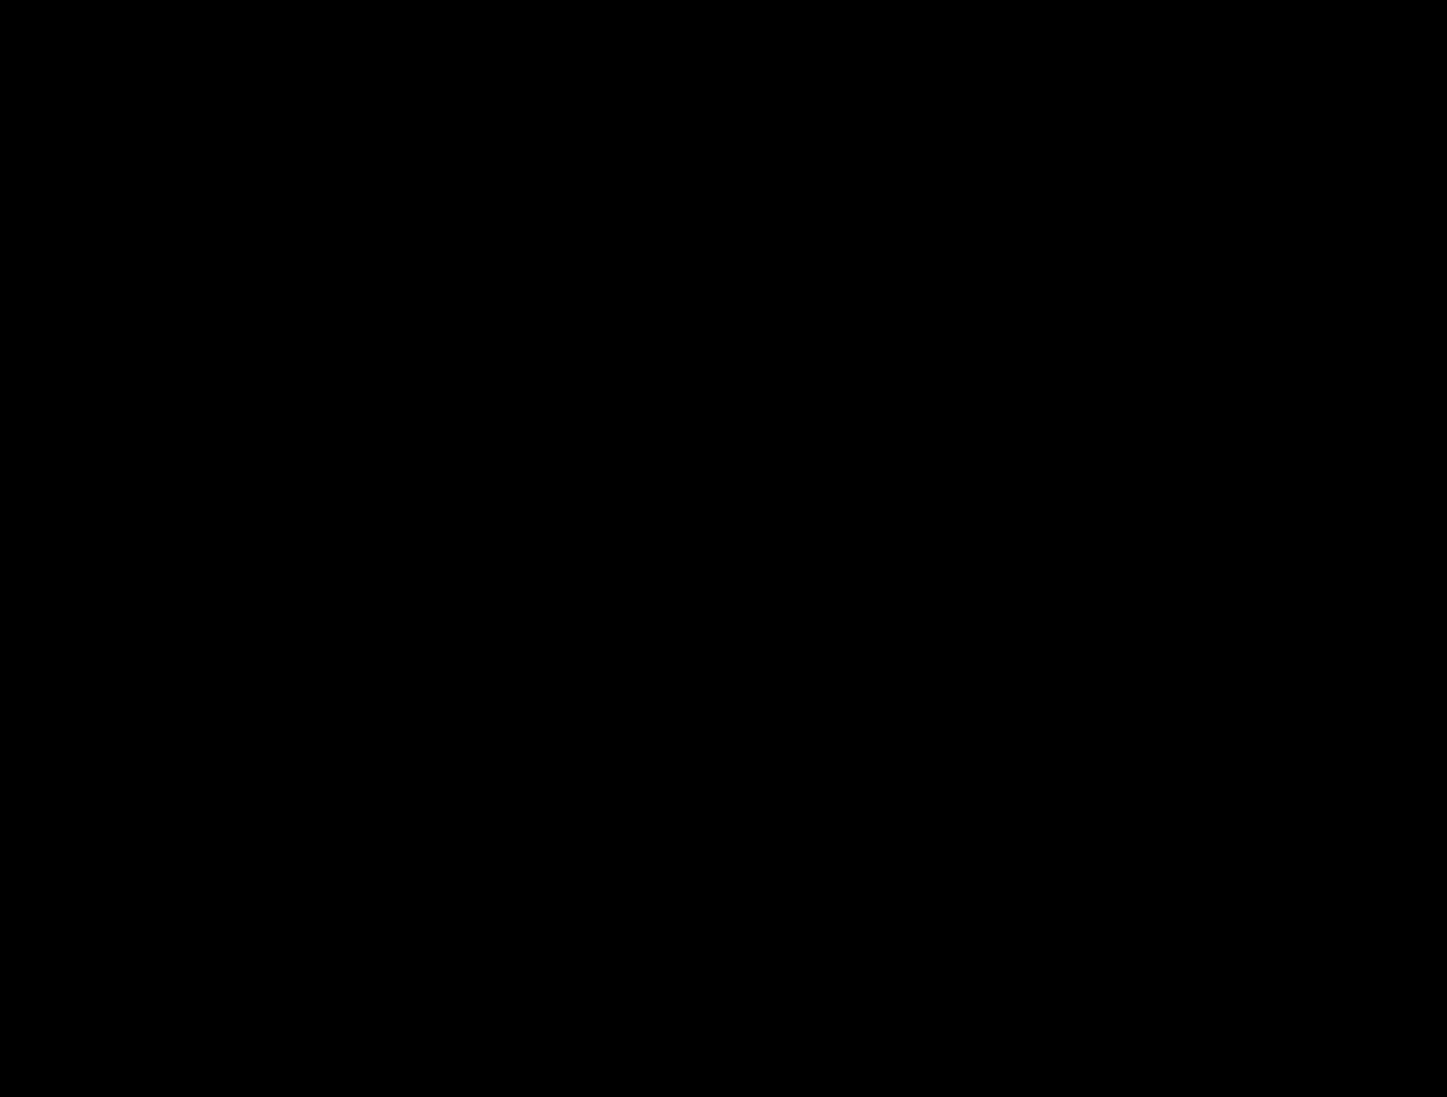 Logo_Website_handwritten_x93.png